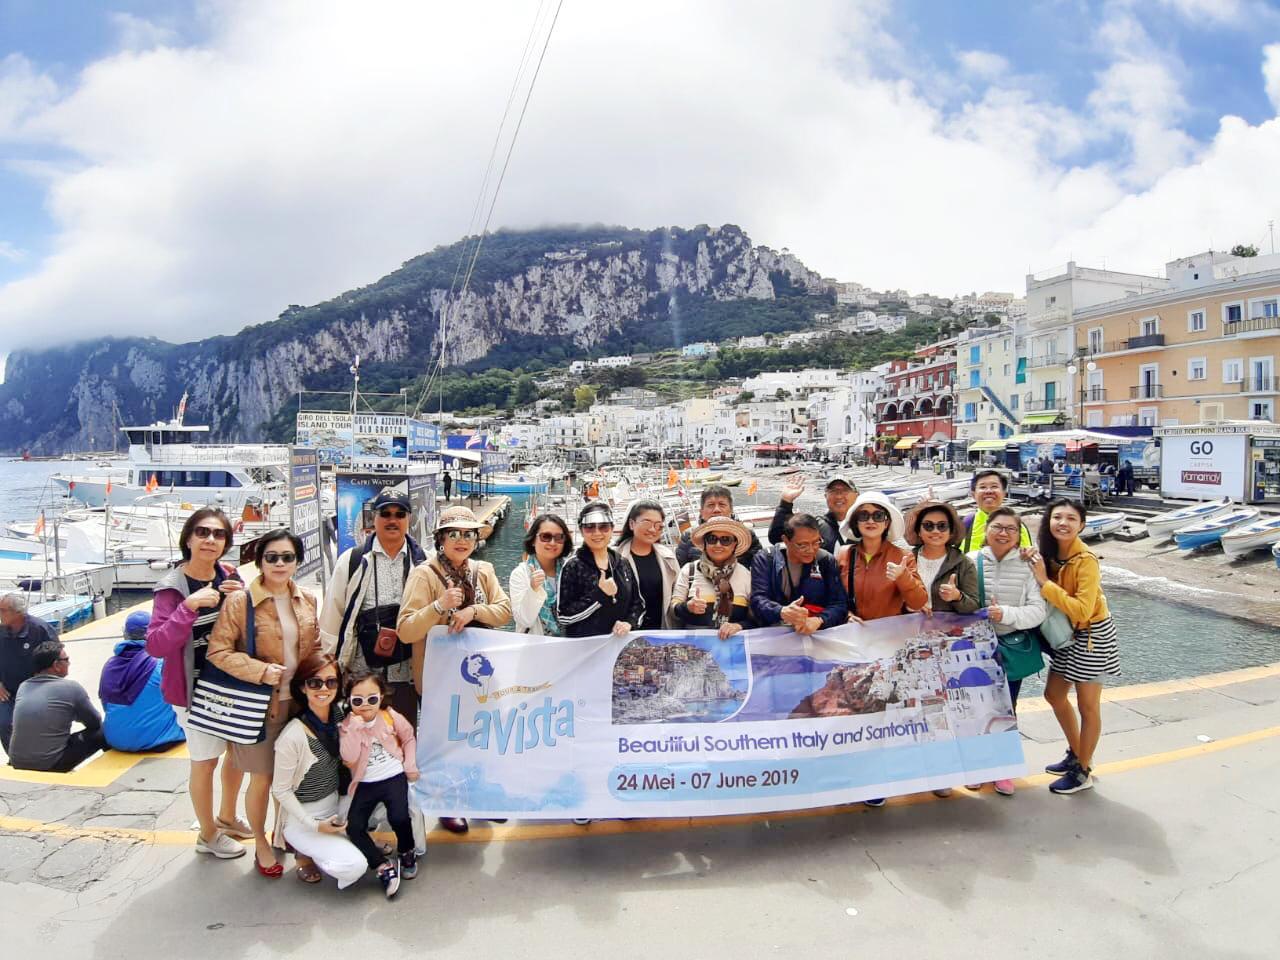 Italy Santorini 24 May 2019 7